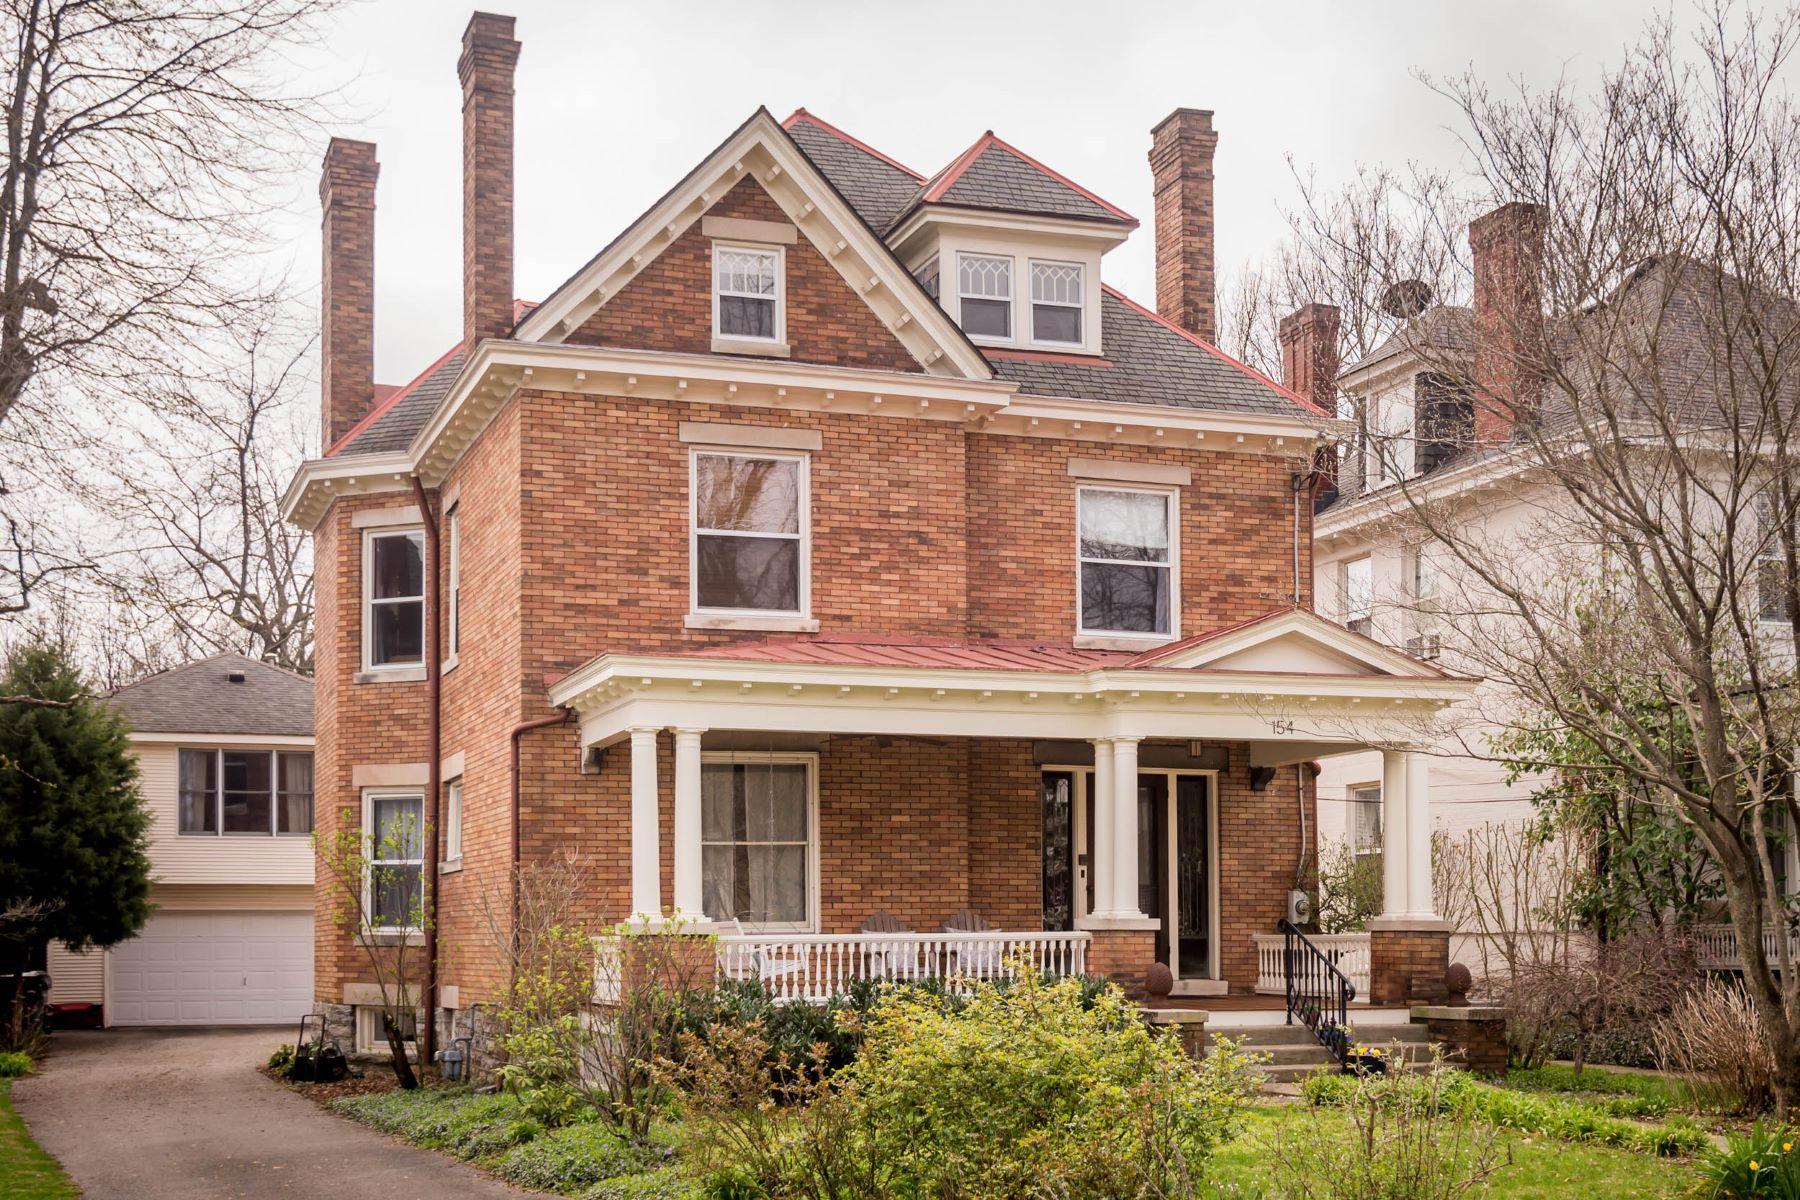 Частный односемейный дом для того Продажа на 154 Forest Avenue Bell Court, Lexington, Кентукки, 40502 Соединенные Штаты